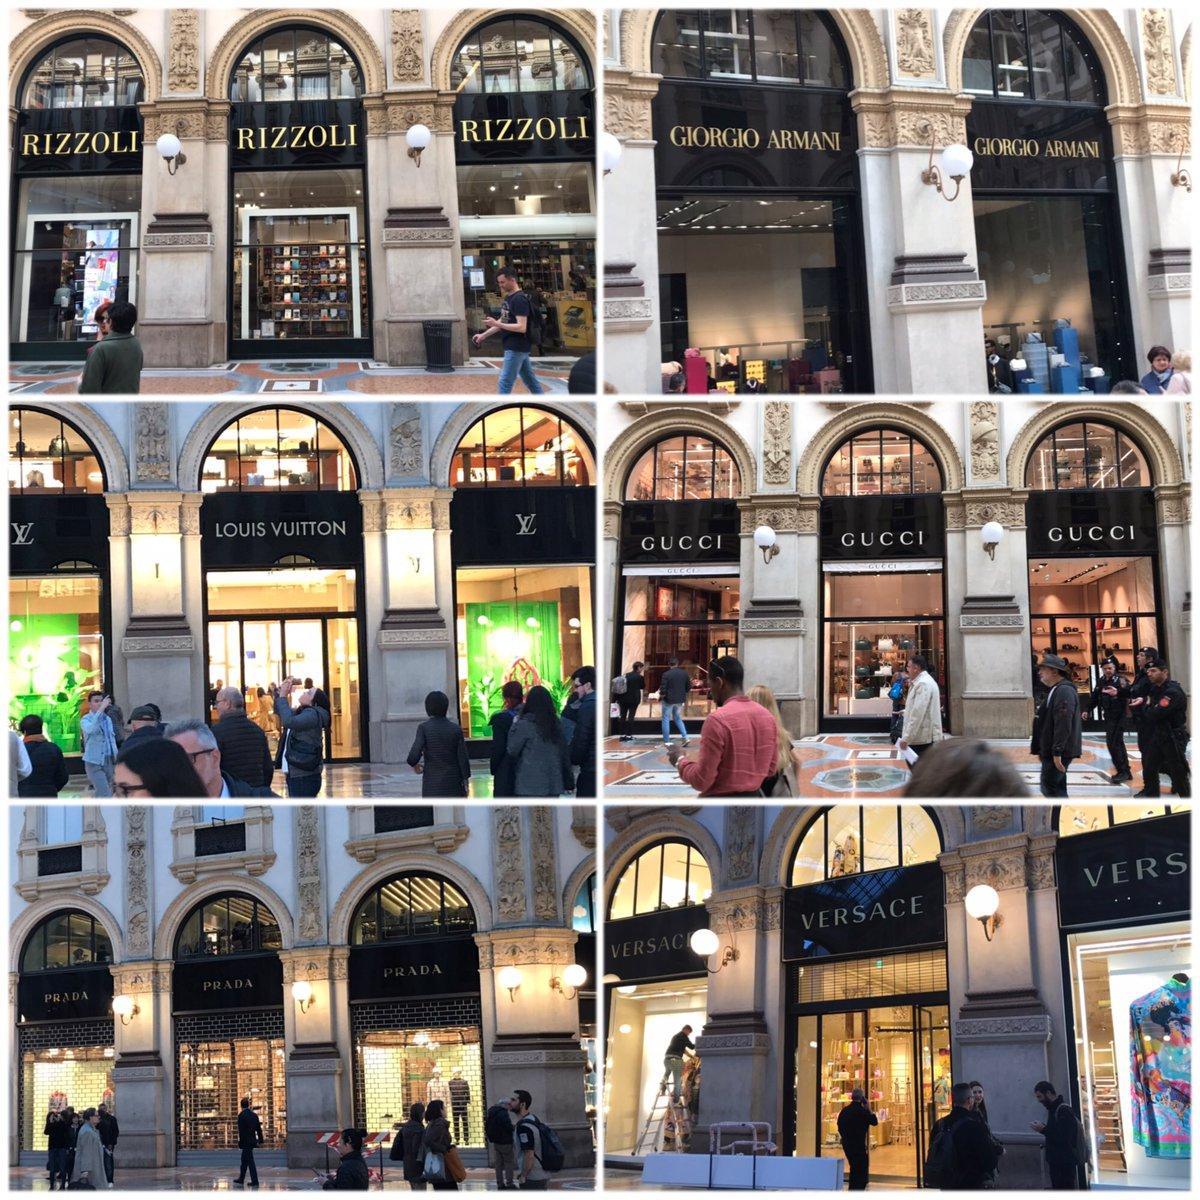 Wollte noch mal einkaufen in #Mailand in der GALLERIA VOTTORIO EMANUELE - nach Blick in die #Brieftasche habe ich es doch bleiben lassen 😅